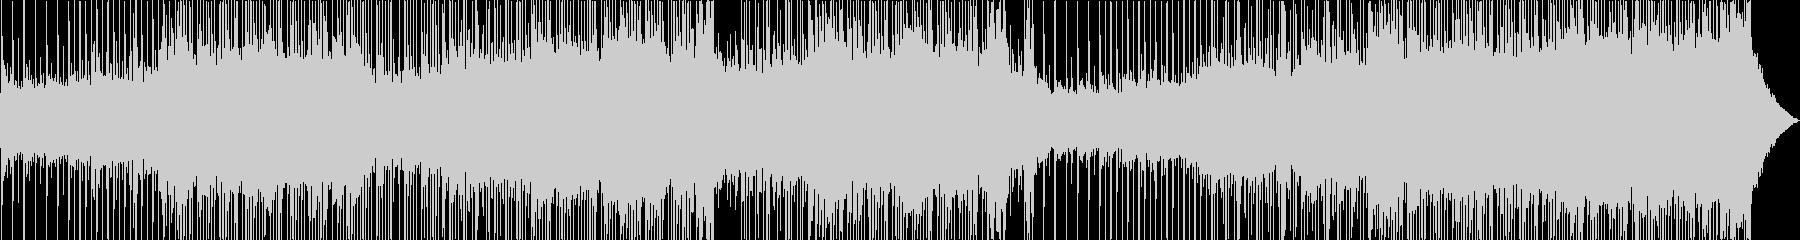 ピアノ、グロッケンシュピール、ギタ...の未再生の波形